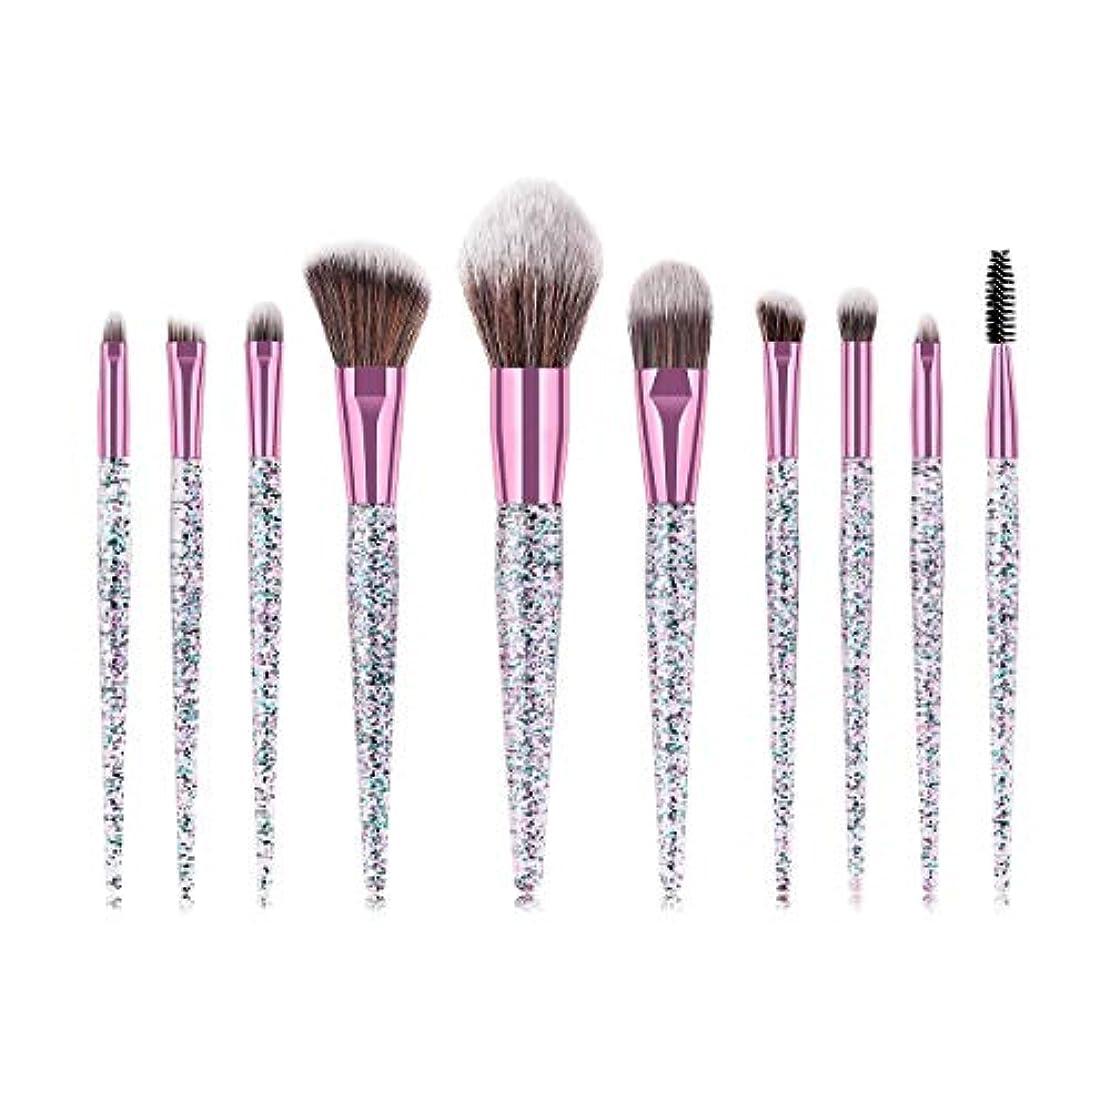 話維持道を作るMakeup brushes 艶をかけられた水晶ハンドルの化粧筆セットの眉毛のアイシャドウの基礎粉の構造のブラシの化粧道具10個 suits (Color : Diamond Crystal)